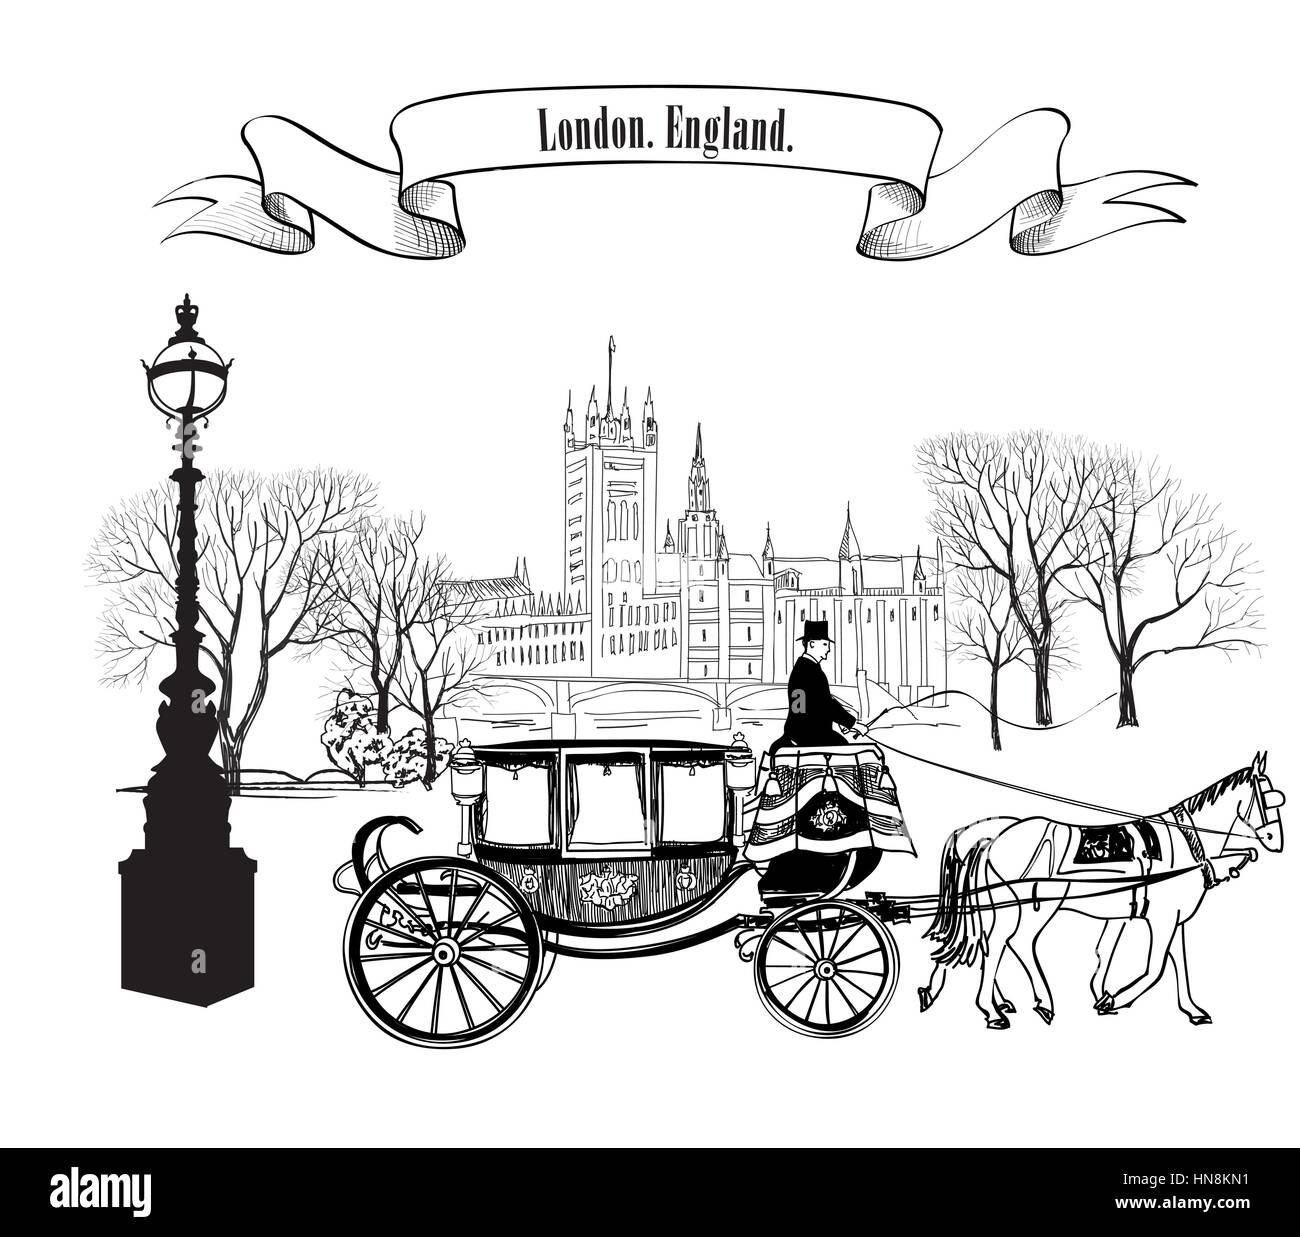 Alte Straße Gasse mit Gebäuden, Bäumen, Park Street Lamp und Kutsche mit Pferd. London City. England, UK. Stock Vektor